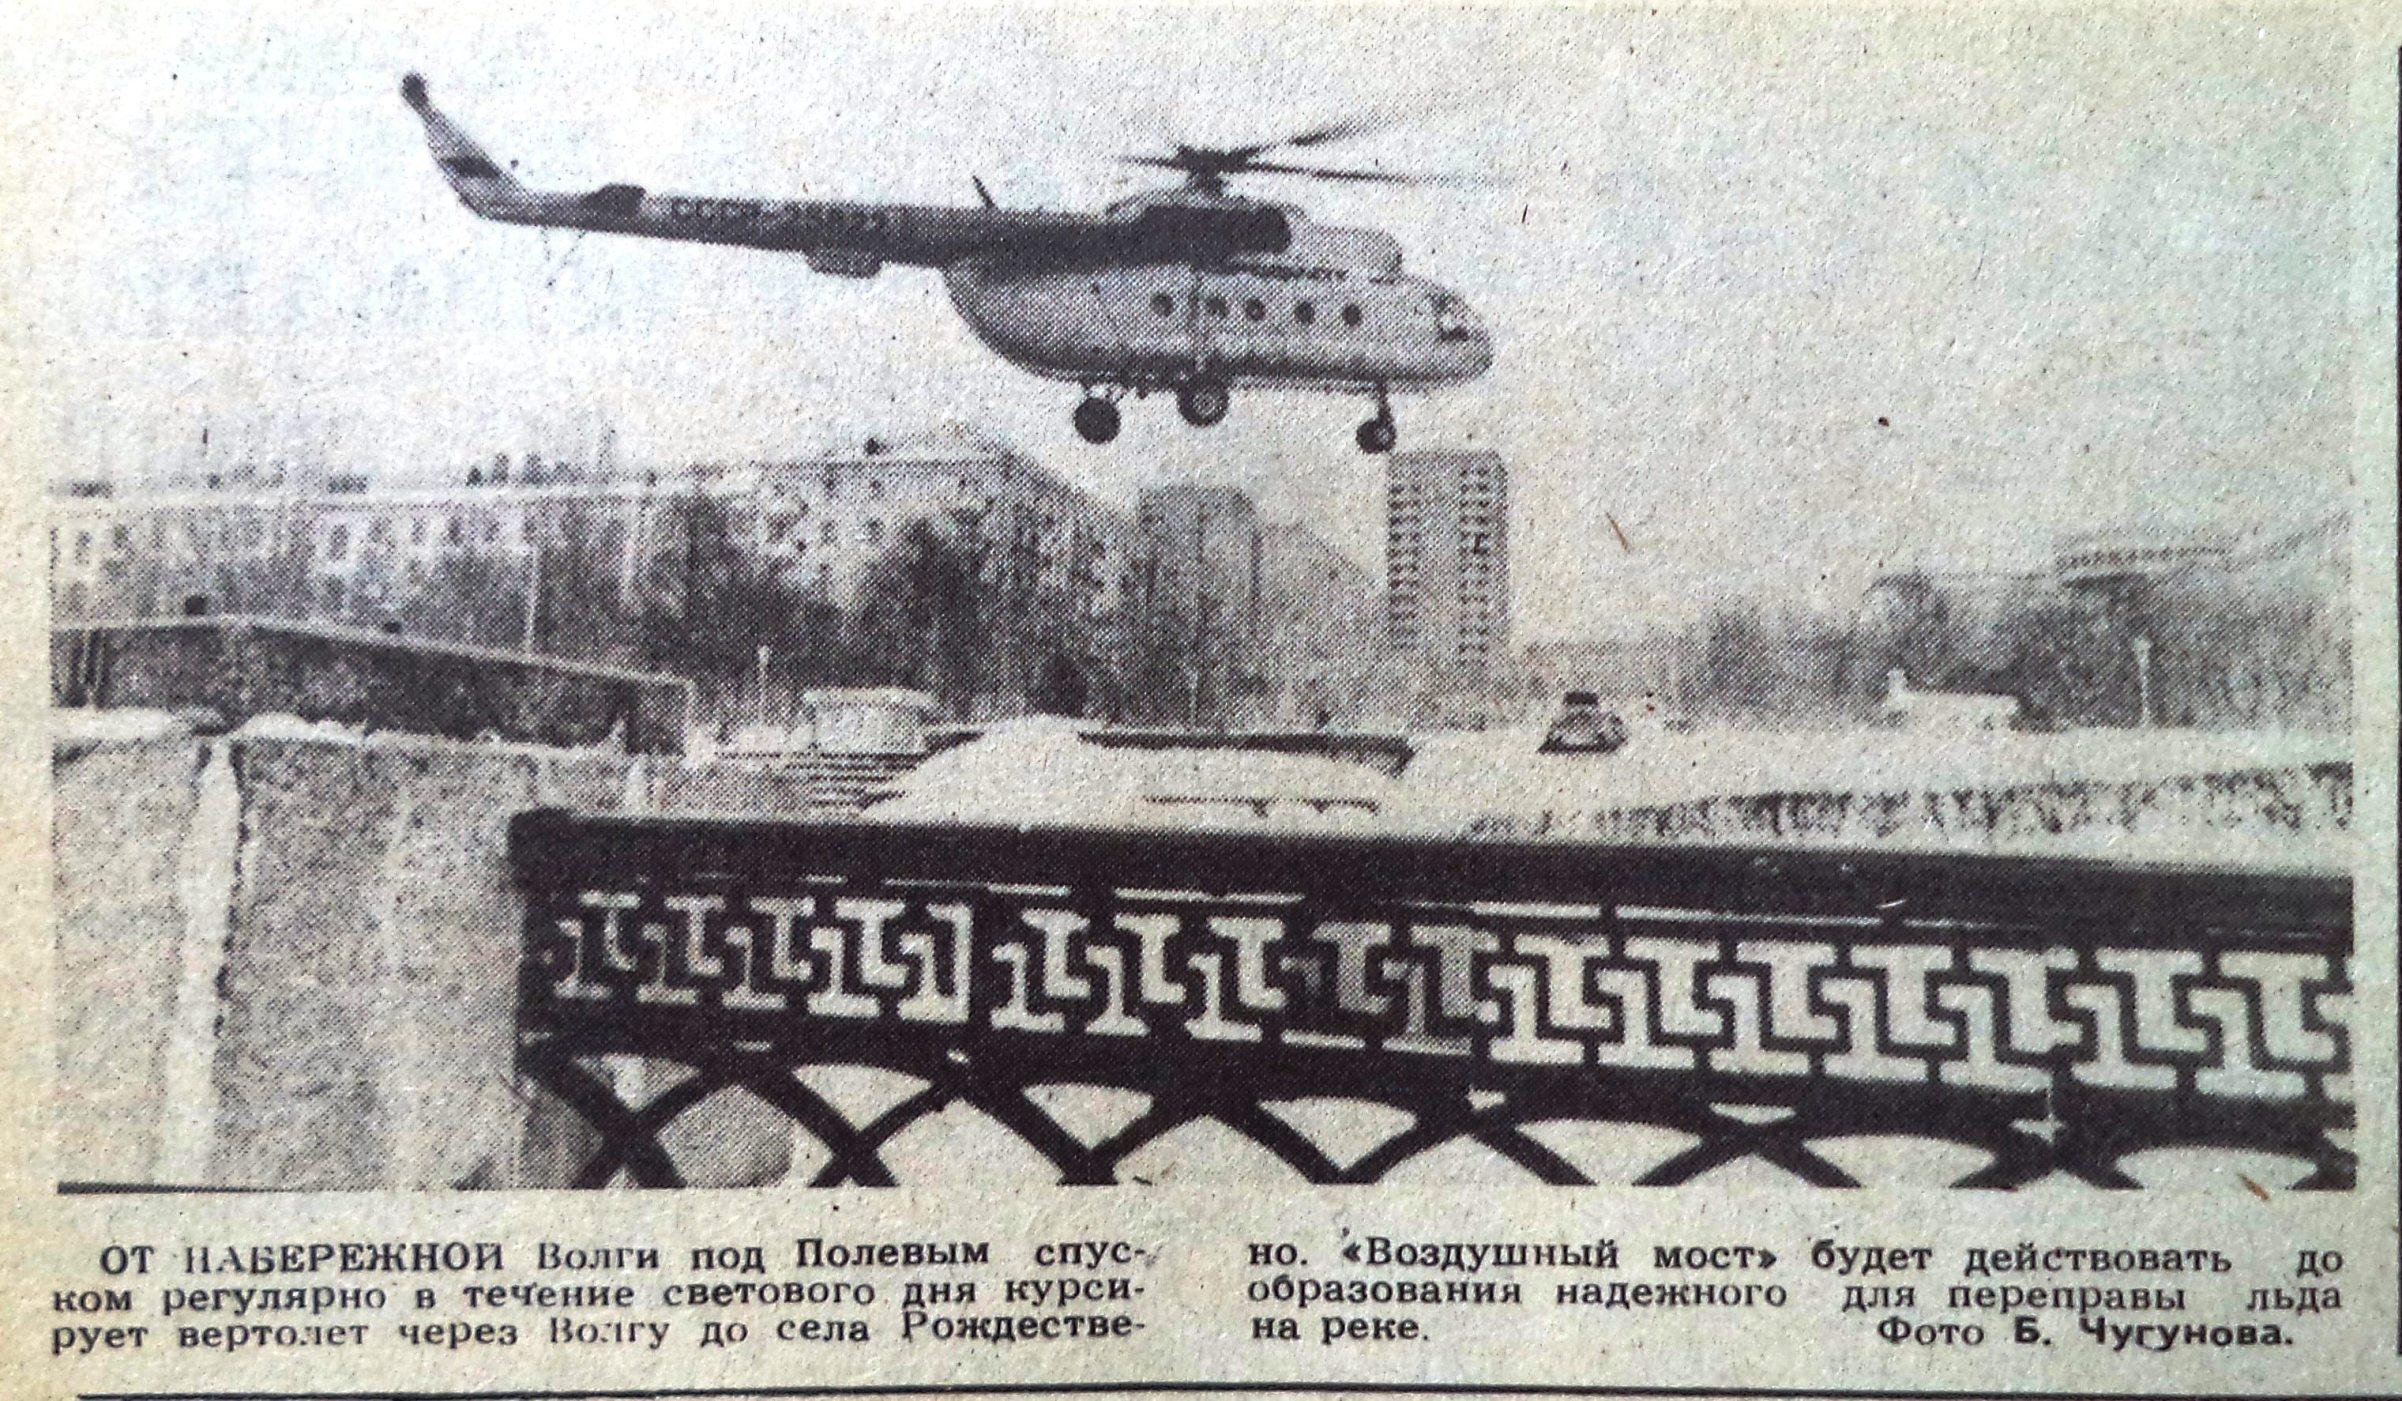 Полевая-ФОТО-34-ВЗя-1988-12-16-вертолёт над Полевым спуском-min